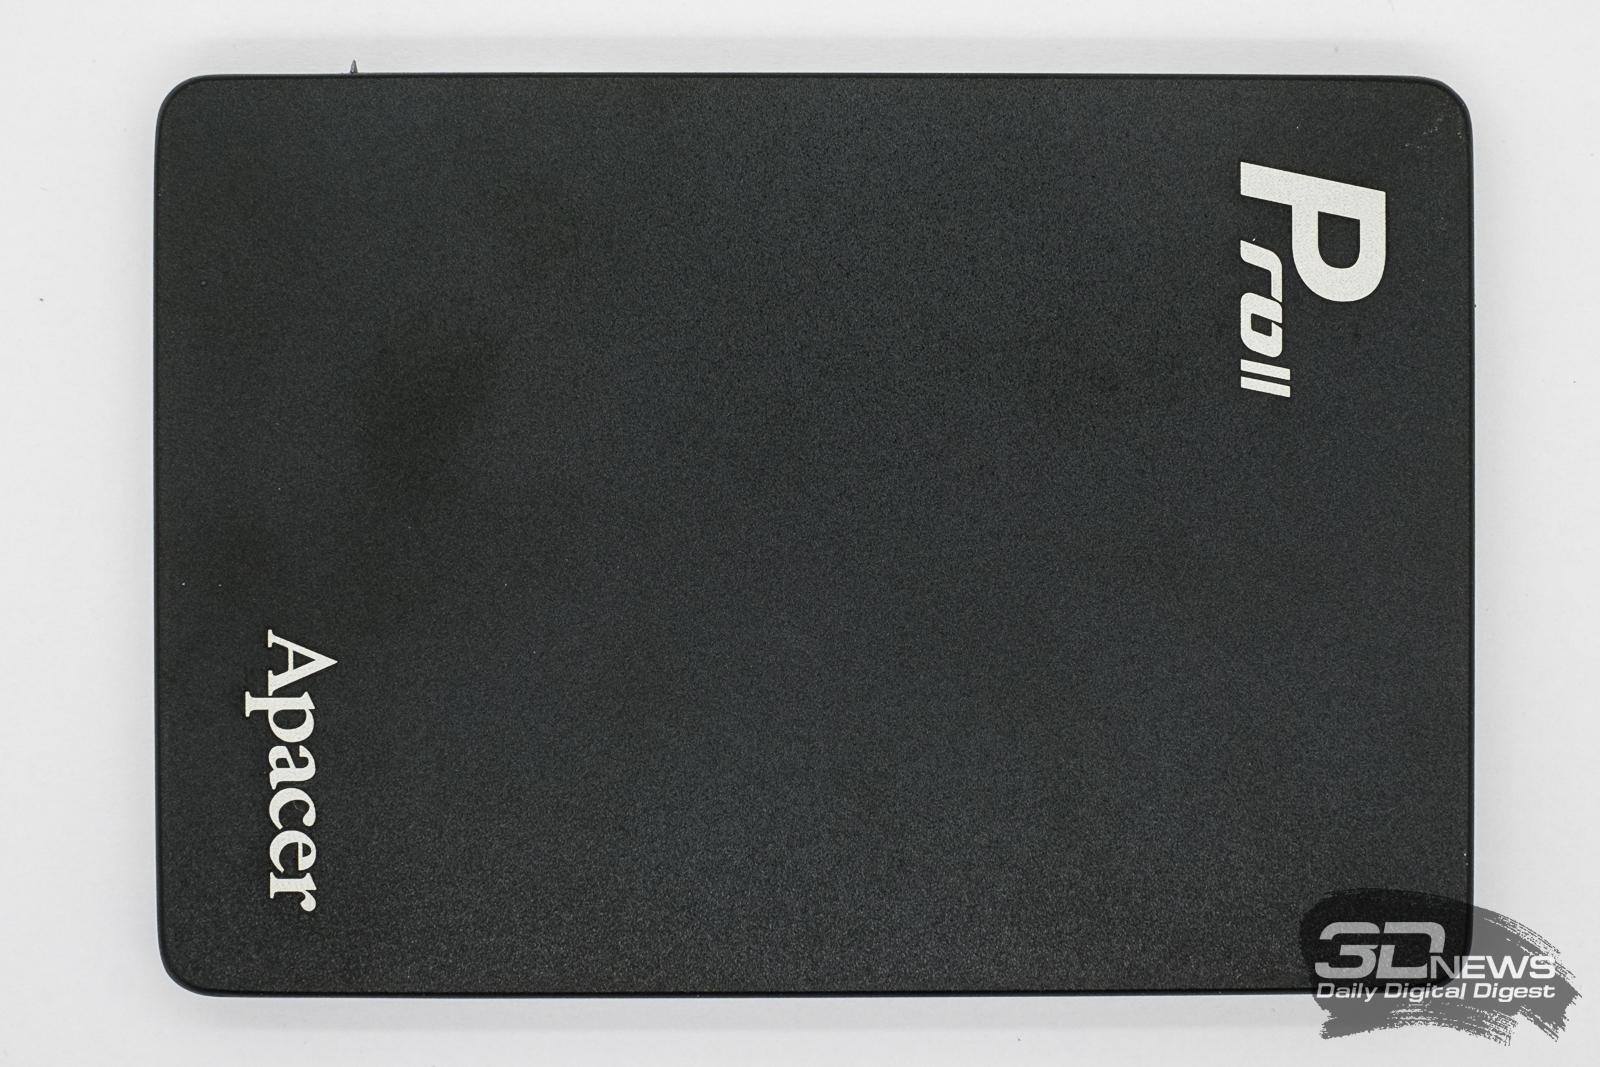 Новая статья: Обзор SSD-накопителя Apacer Pro II AS510S: ветеран труда